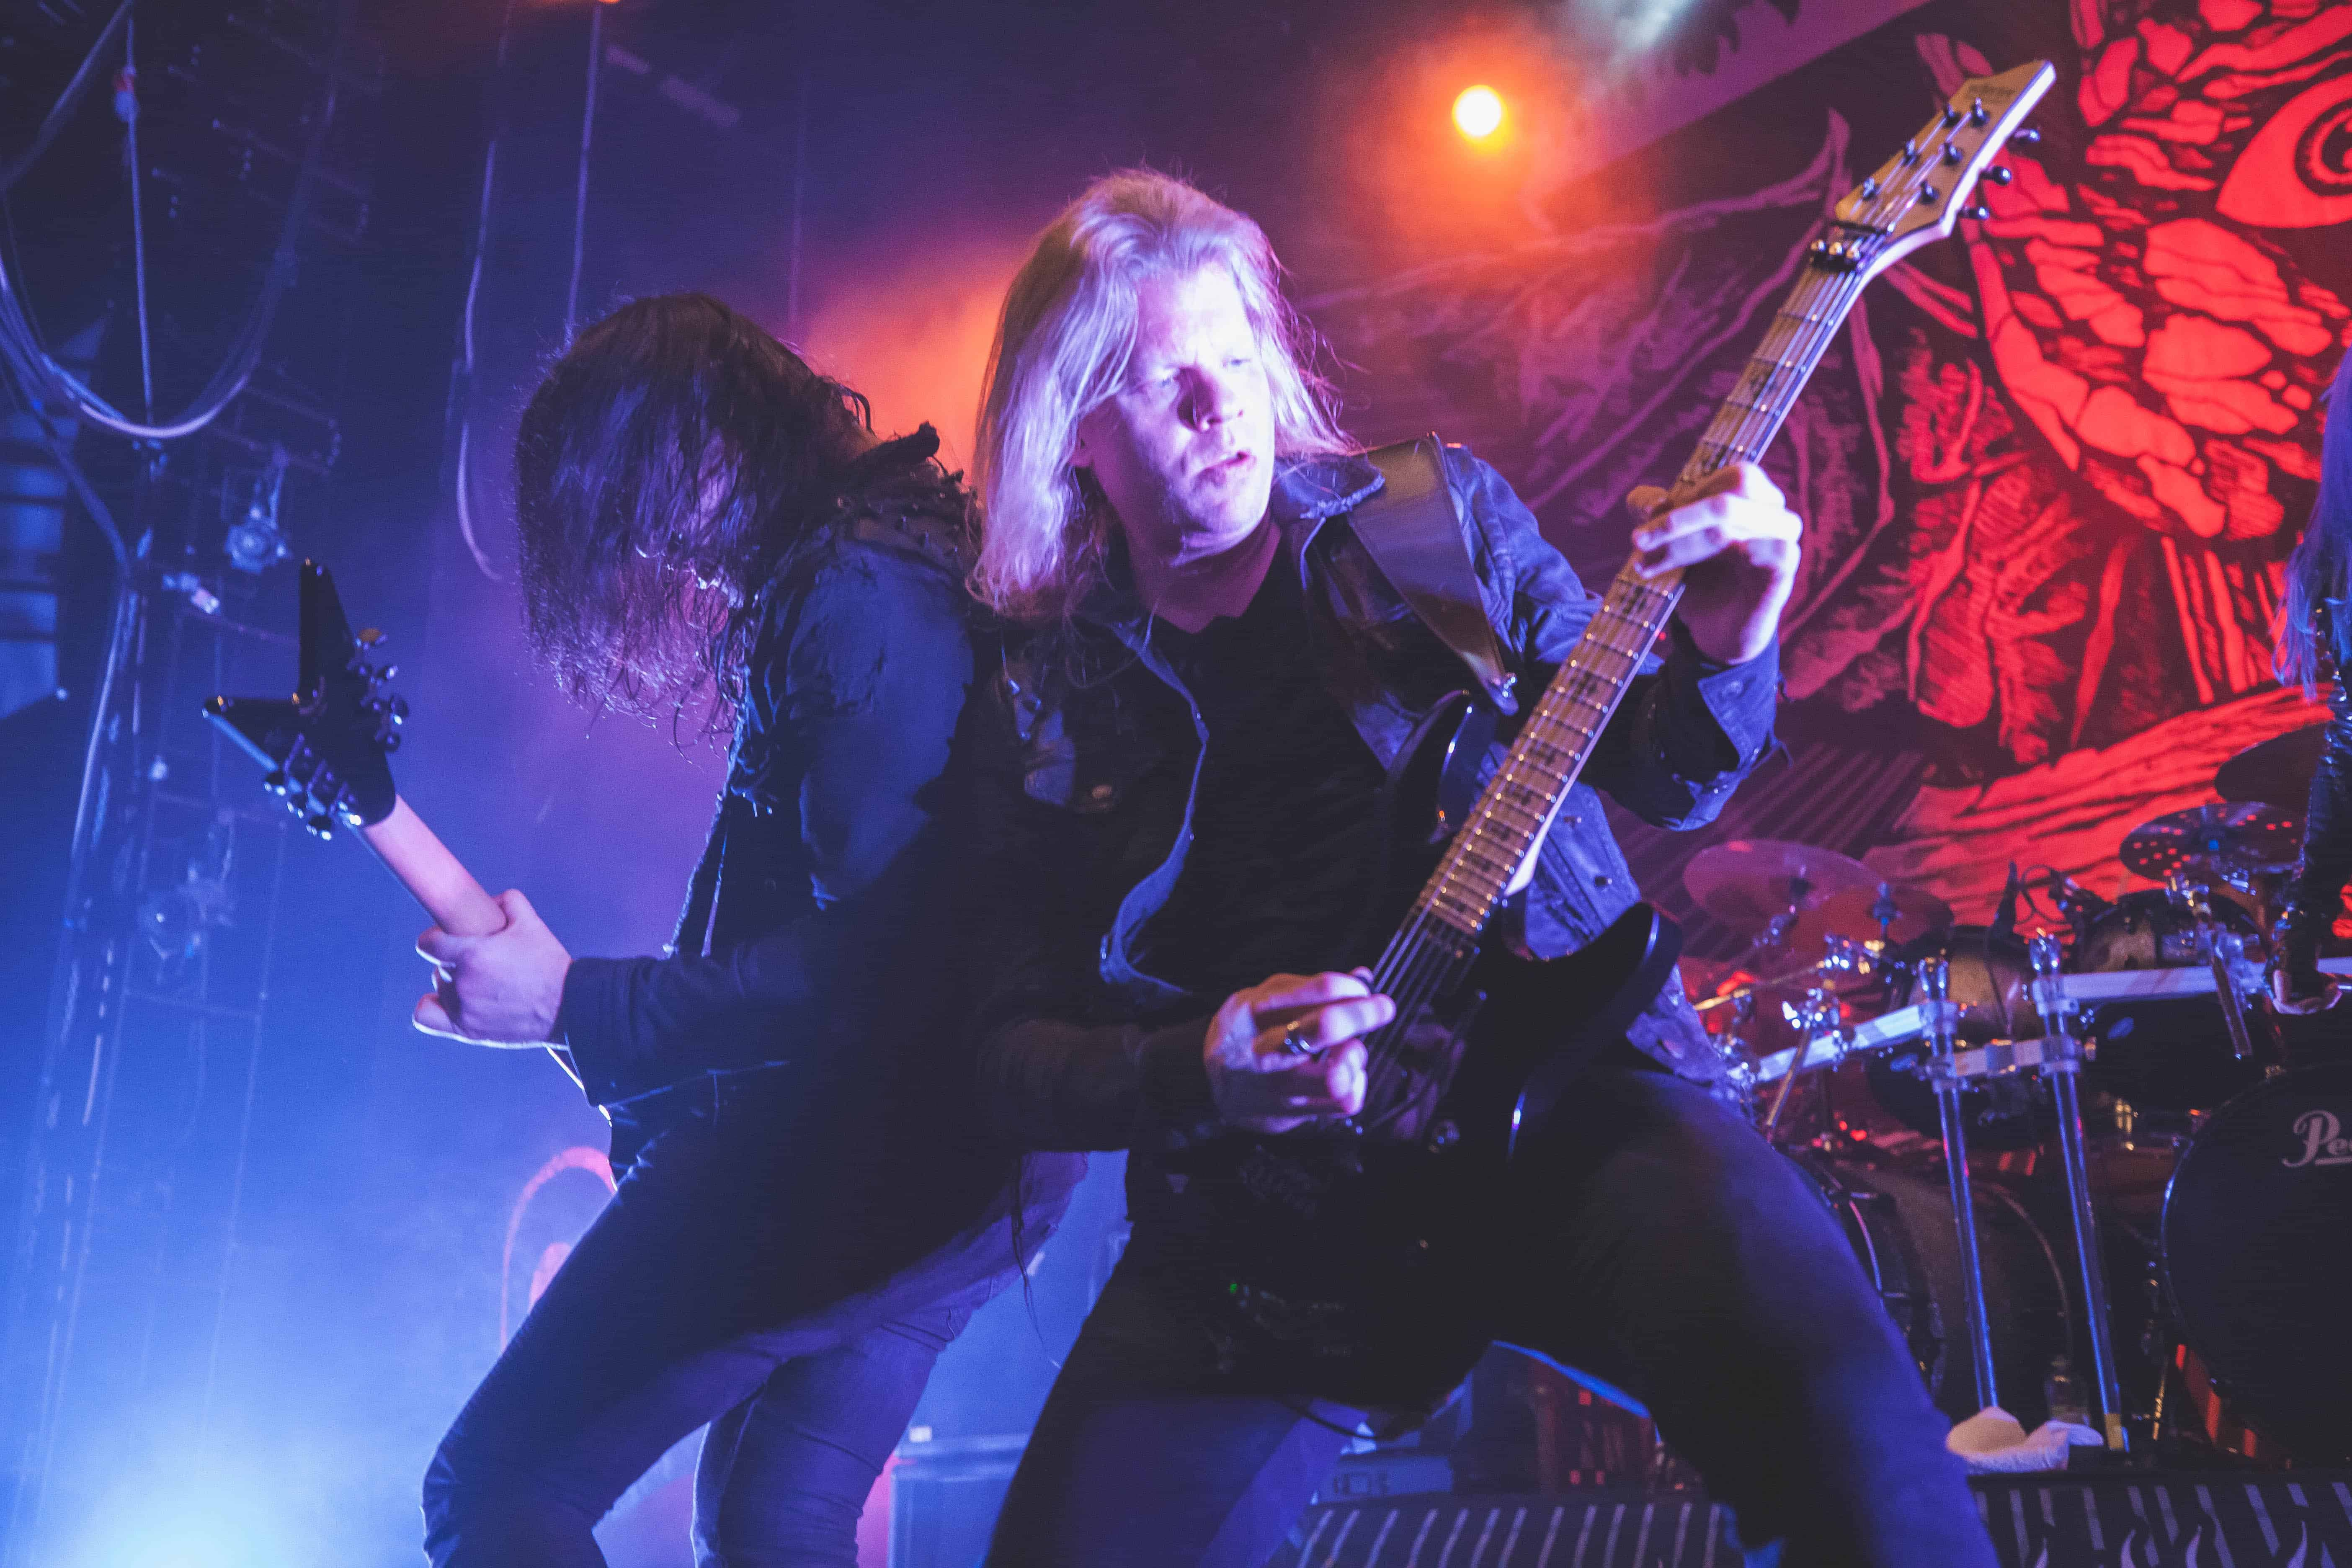 Концерт Arch Enemy в ГЛАВCLUB GREEN CONCERT Концерт Arch Enemy в ГЛАВCLUB GREEN CONCERT IMG 7149